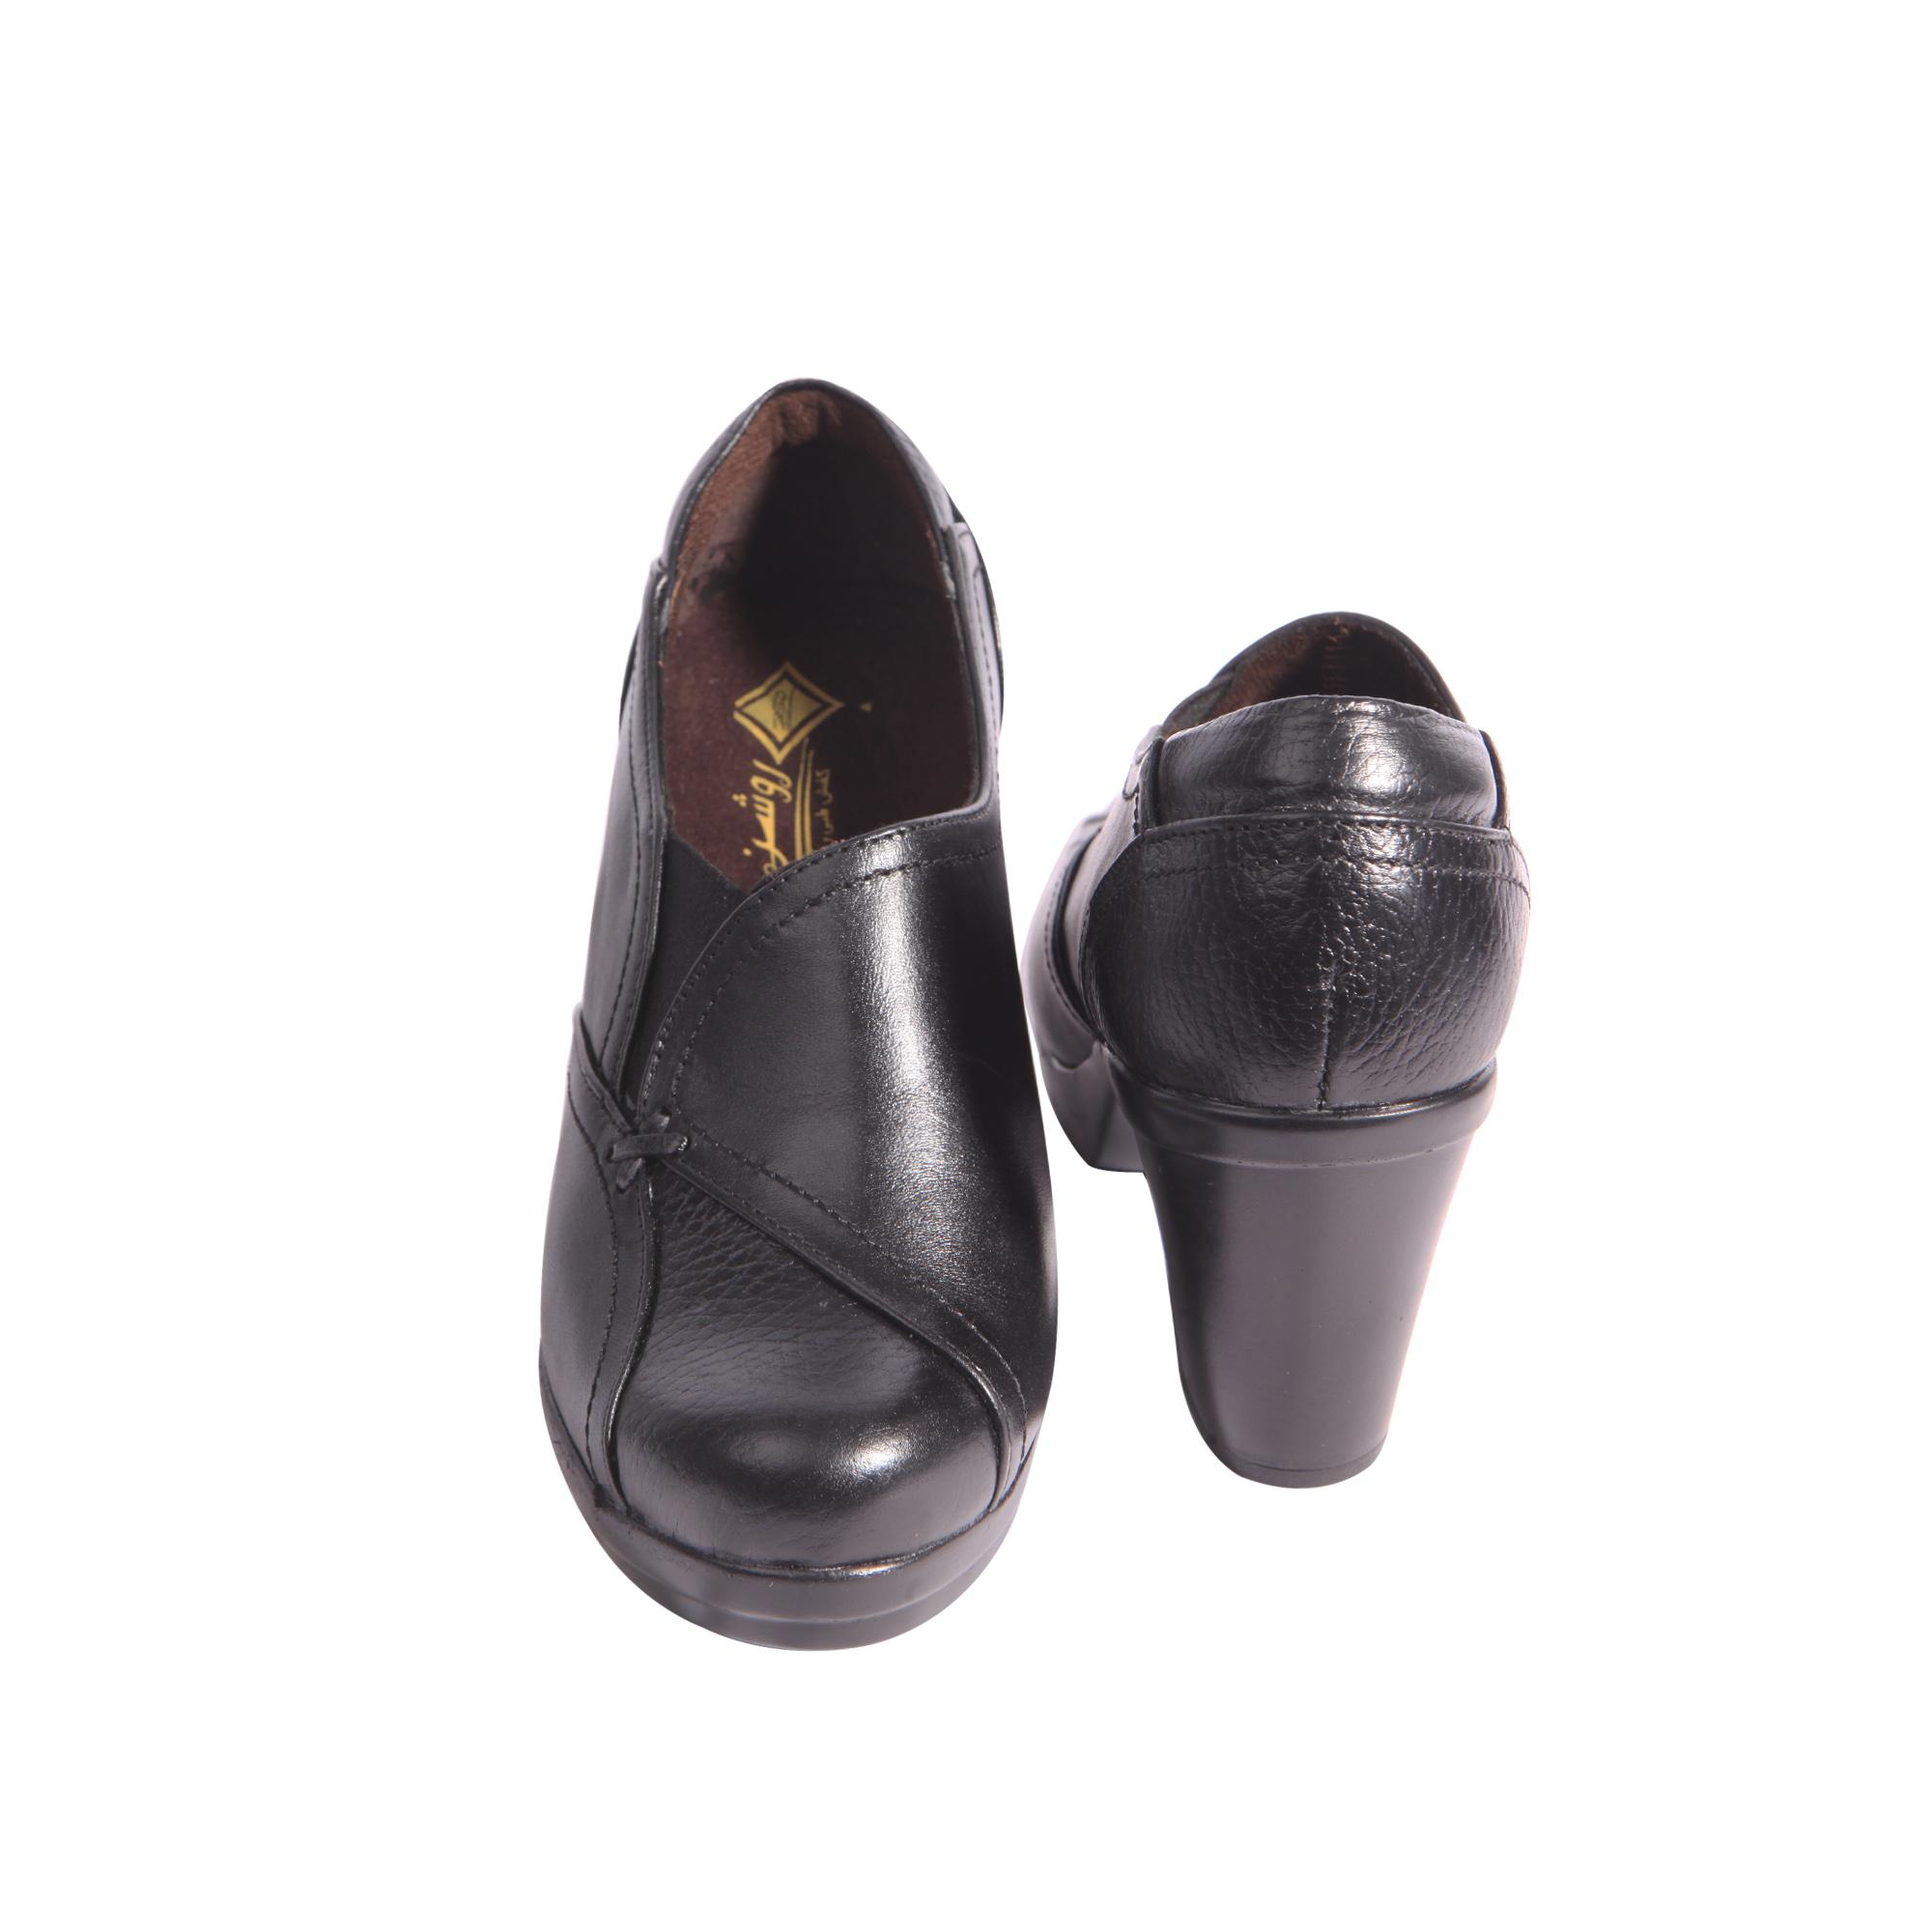 خرید                      کفش زنانه روشن مدل گلشن کد 11